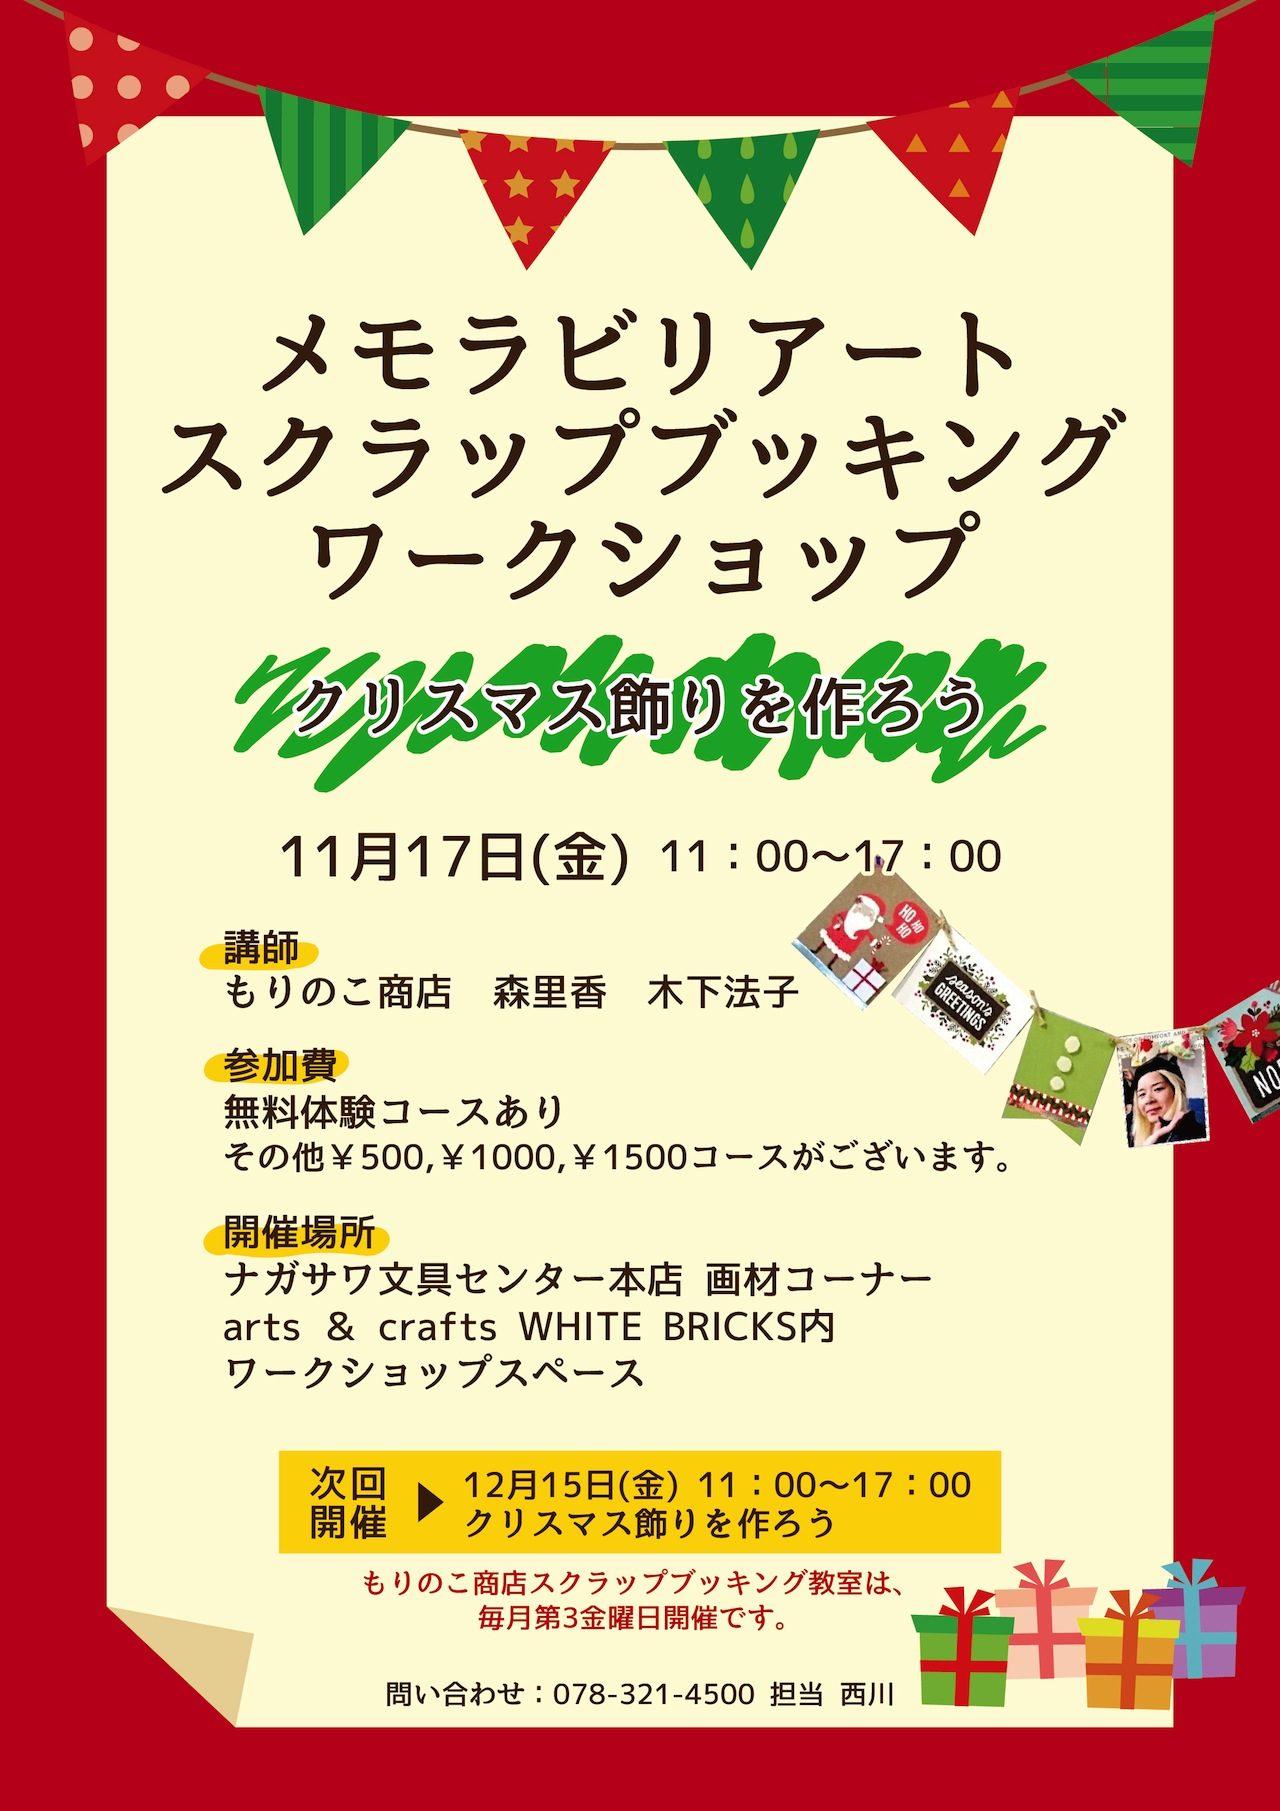 【定期開催】もりのこ商店スクラップブッキング教室|クリスマス飾りを作るワークショップ